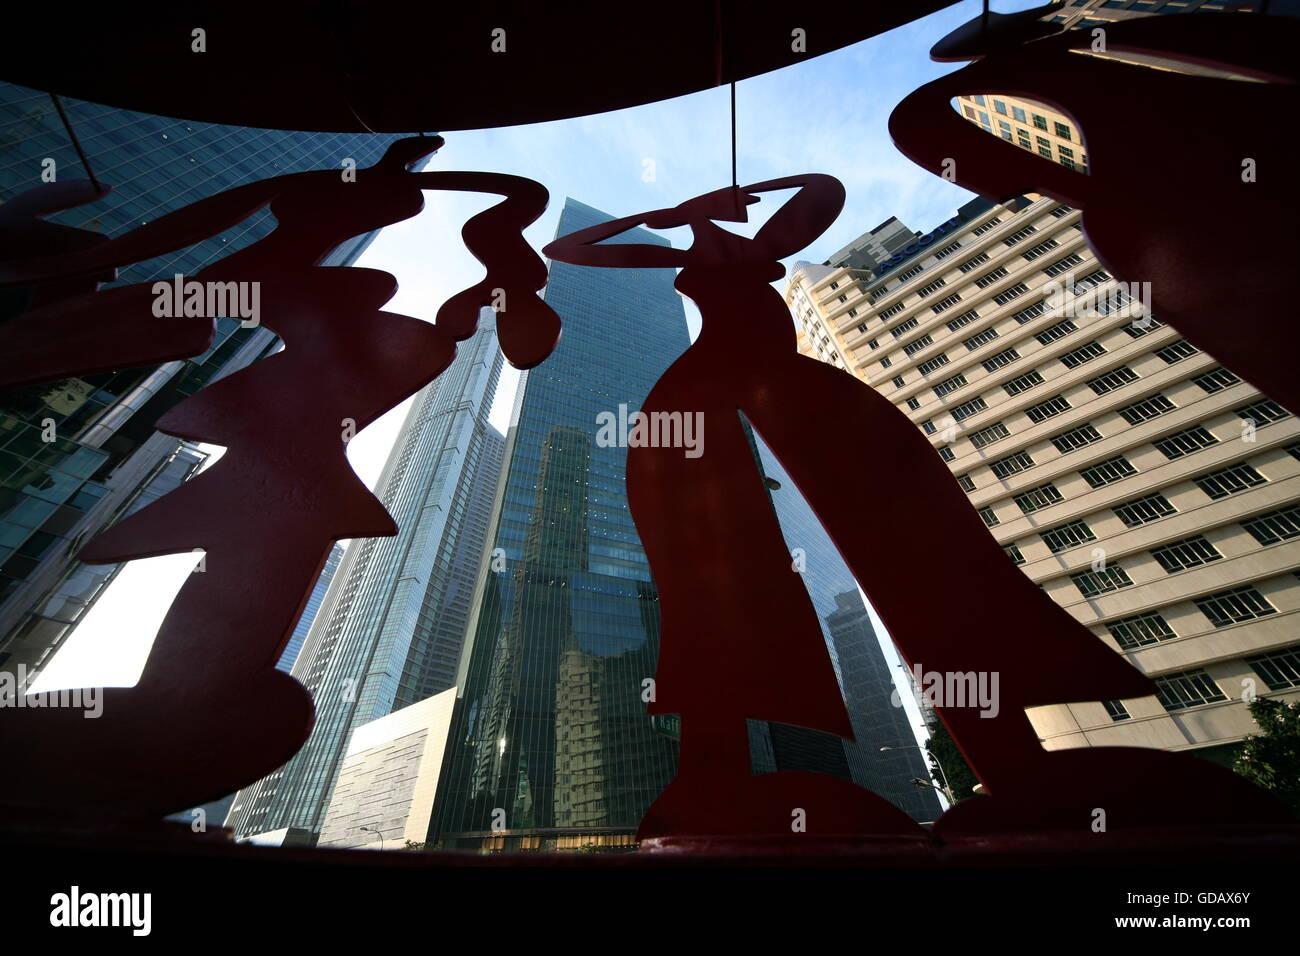 Die Skyline im Bankenviertel am Boat Quay von Singapur im Inselstaat Singapur in Asien. - Stock Image